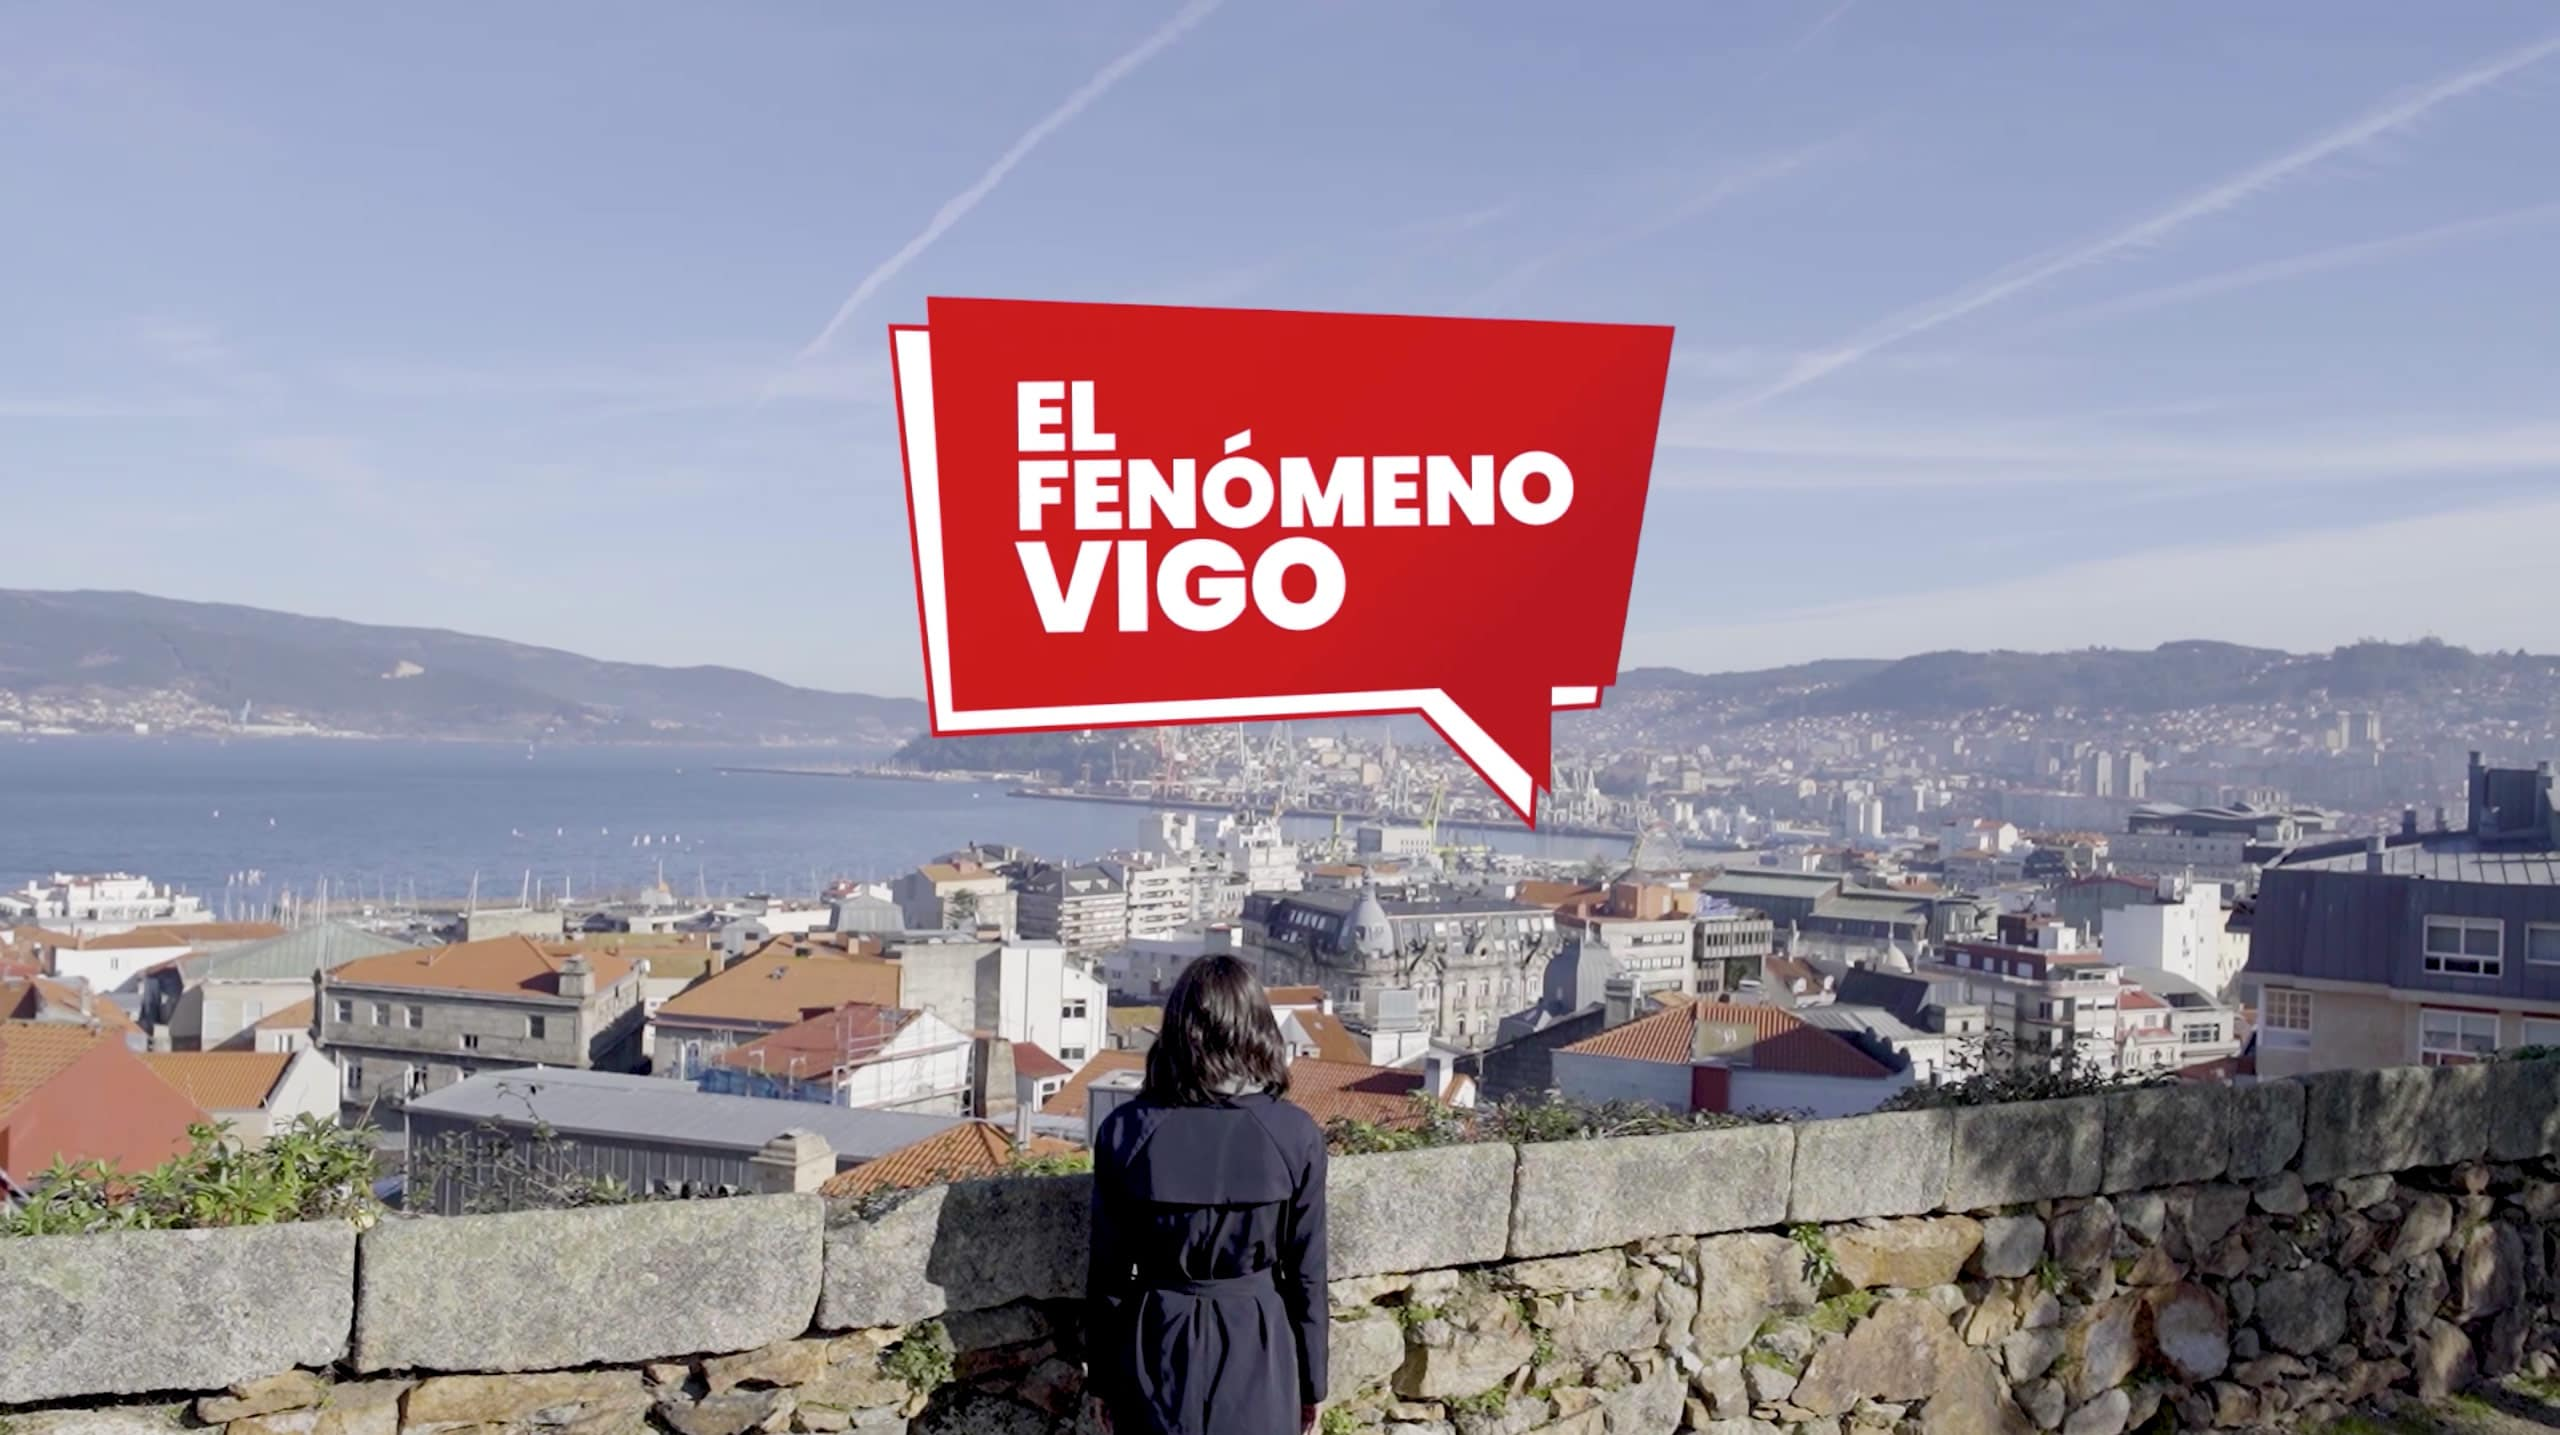 El fenómeno Vigo